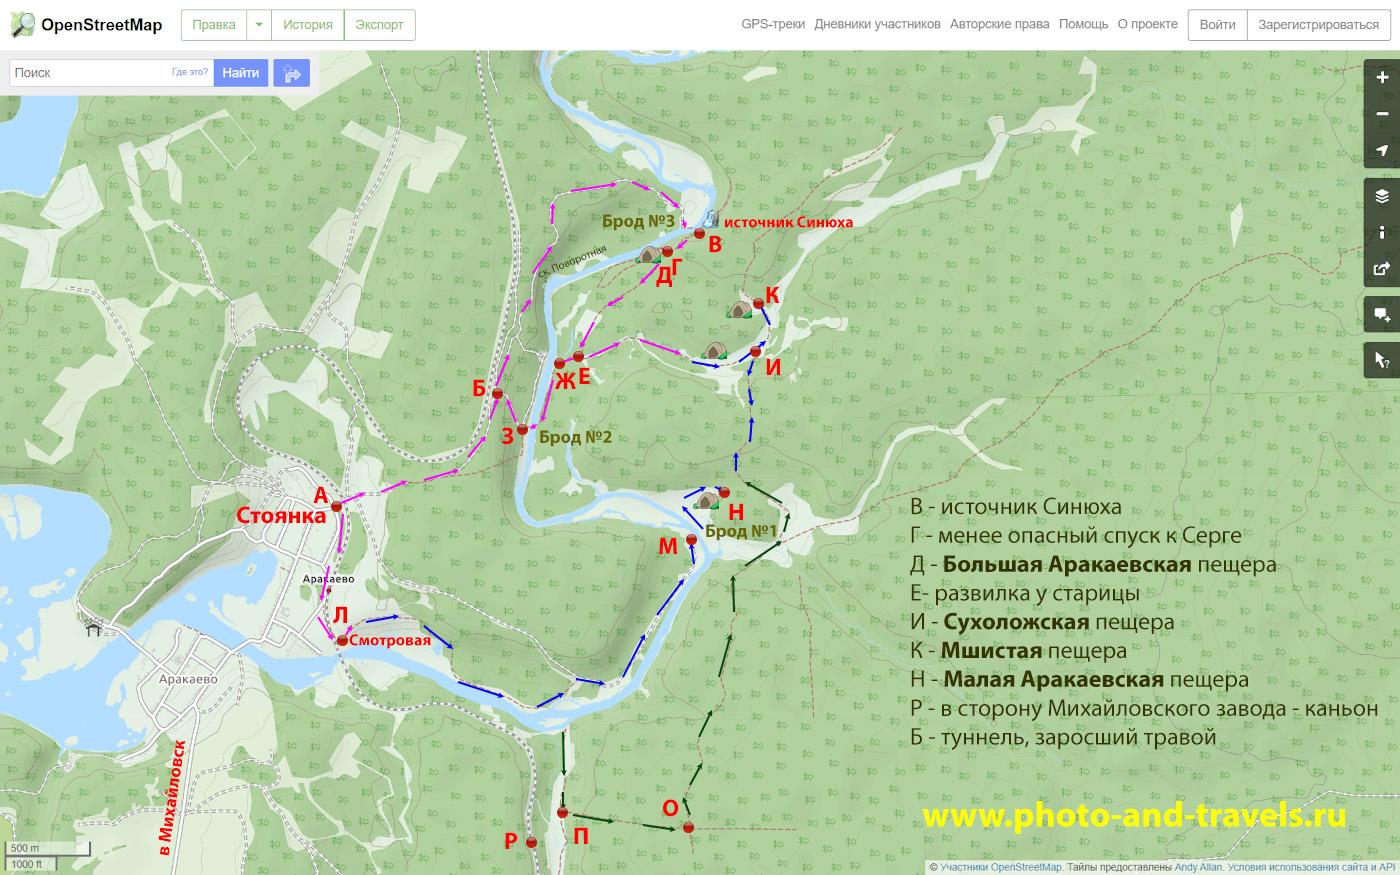 4. Карта со схемой реального маршрута, по которому я дошел до Большой Аракаевской пещеры, проверил дорогу до пещеры Мшистая и вернулся в Аракаево.